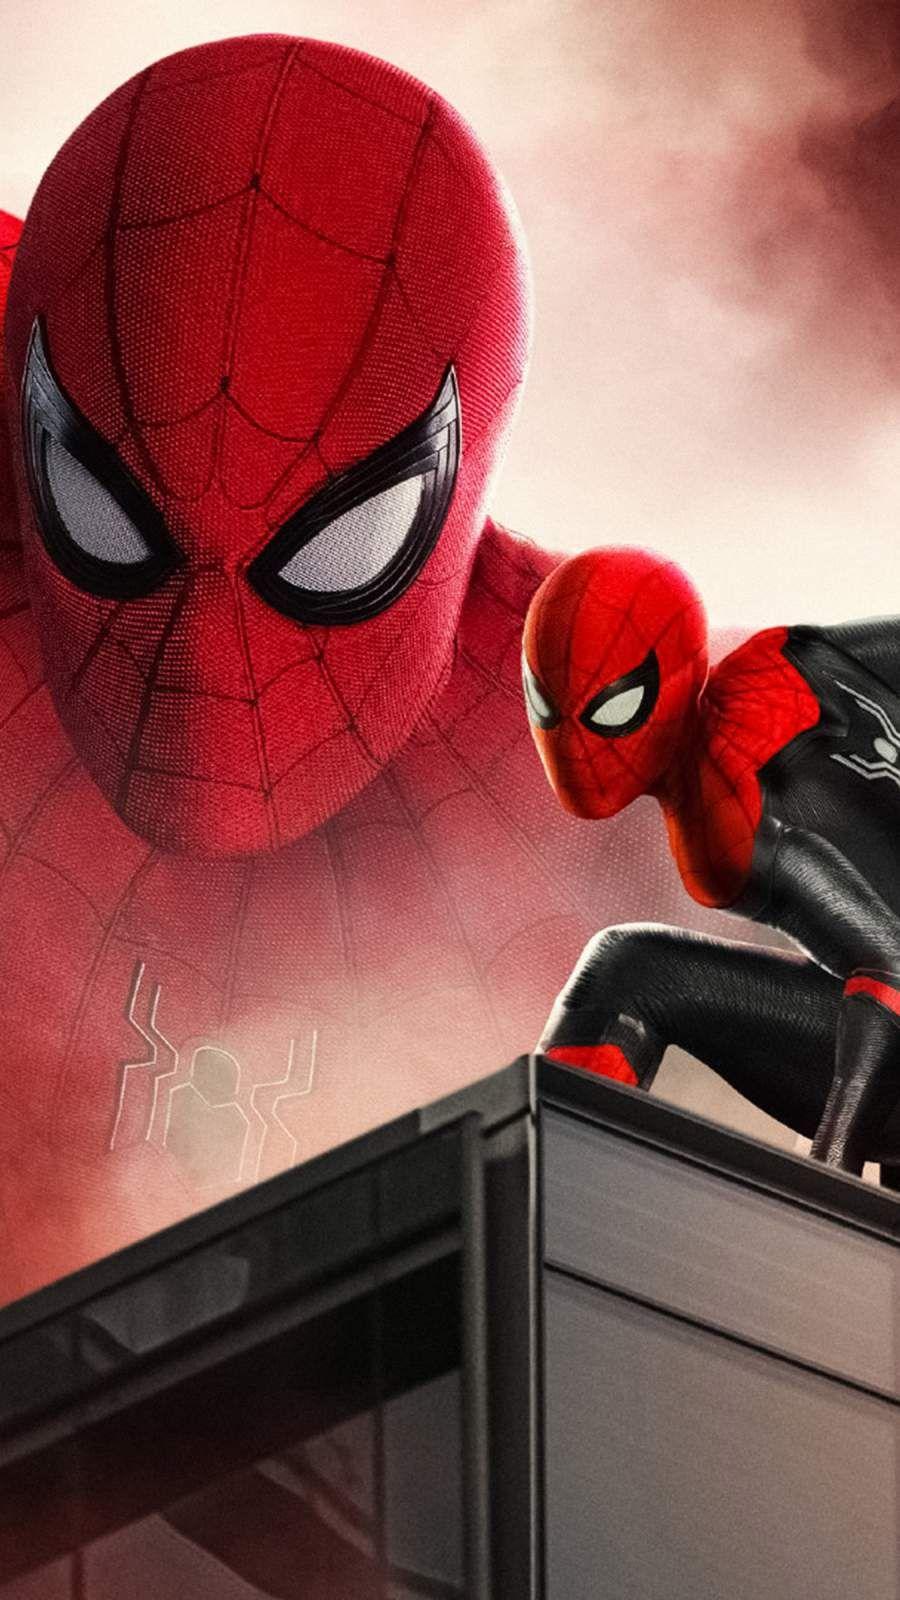 Spider Man Far From Home Art IPhone Wallpaper wallpaper